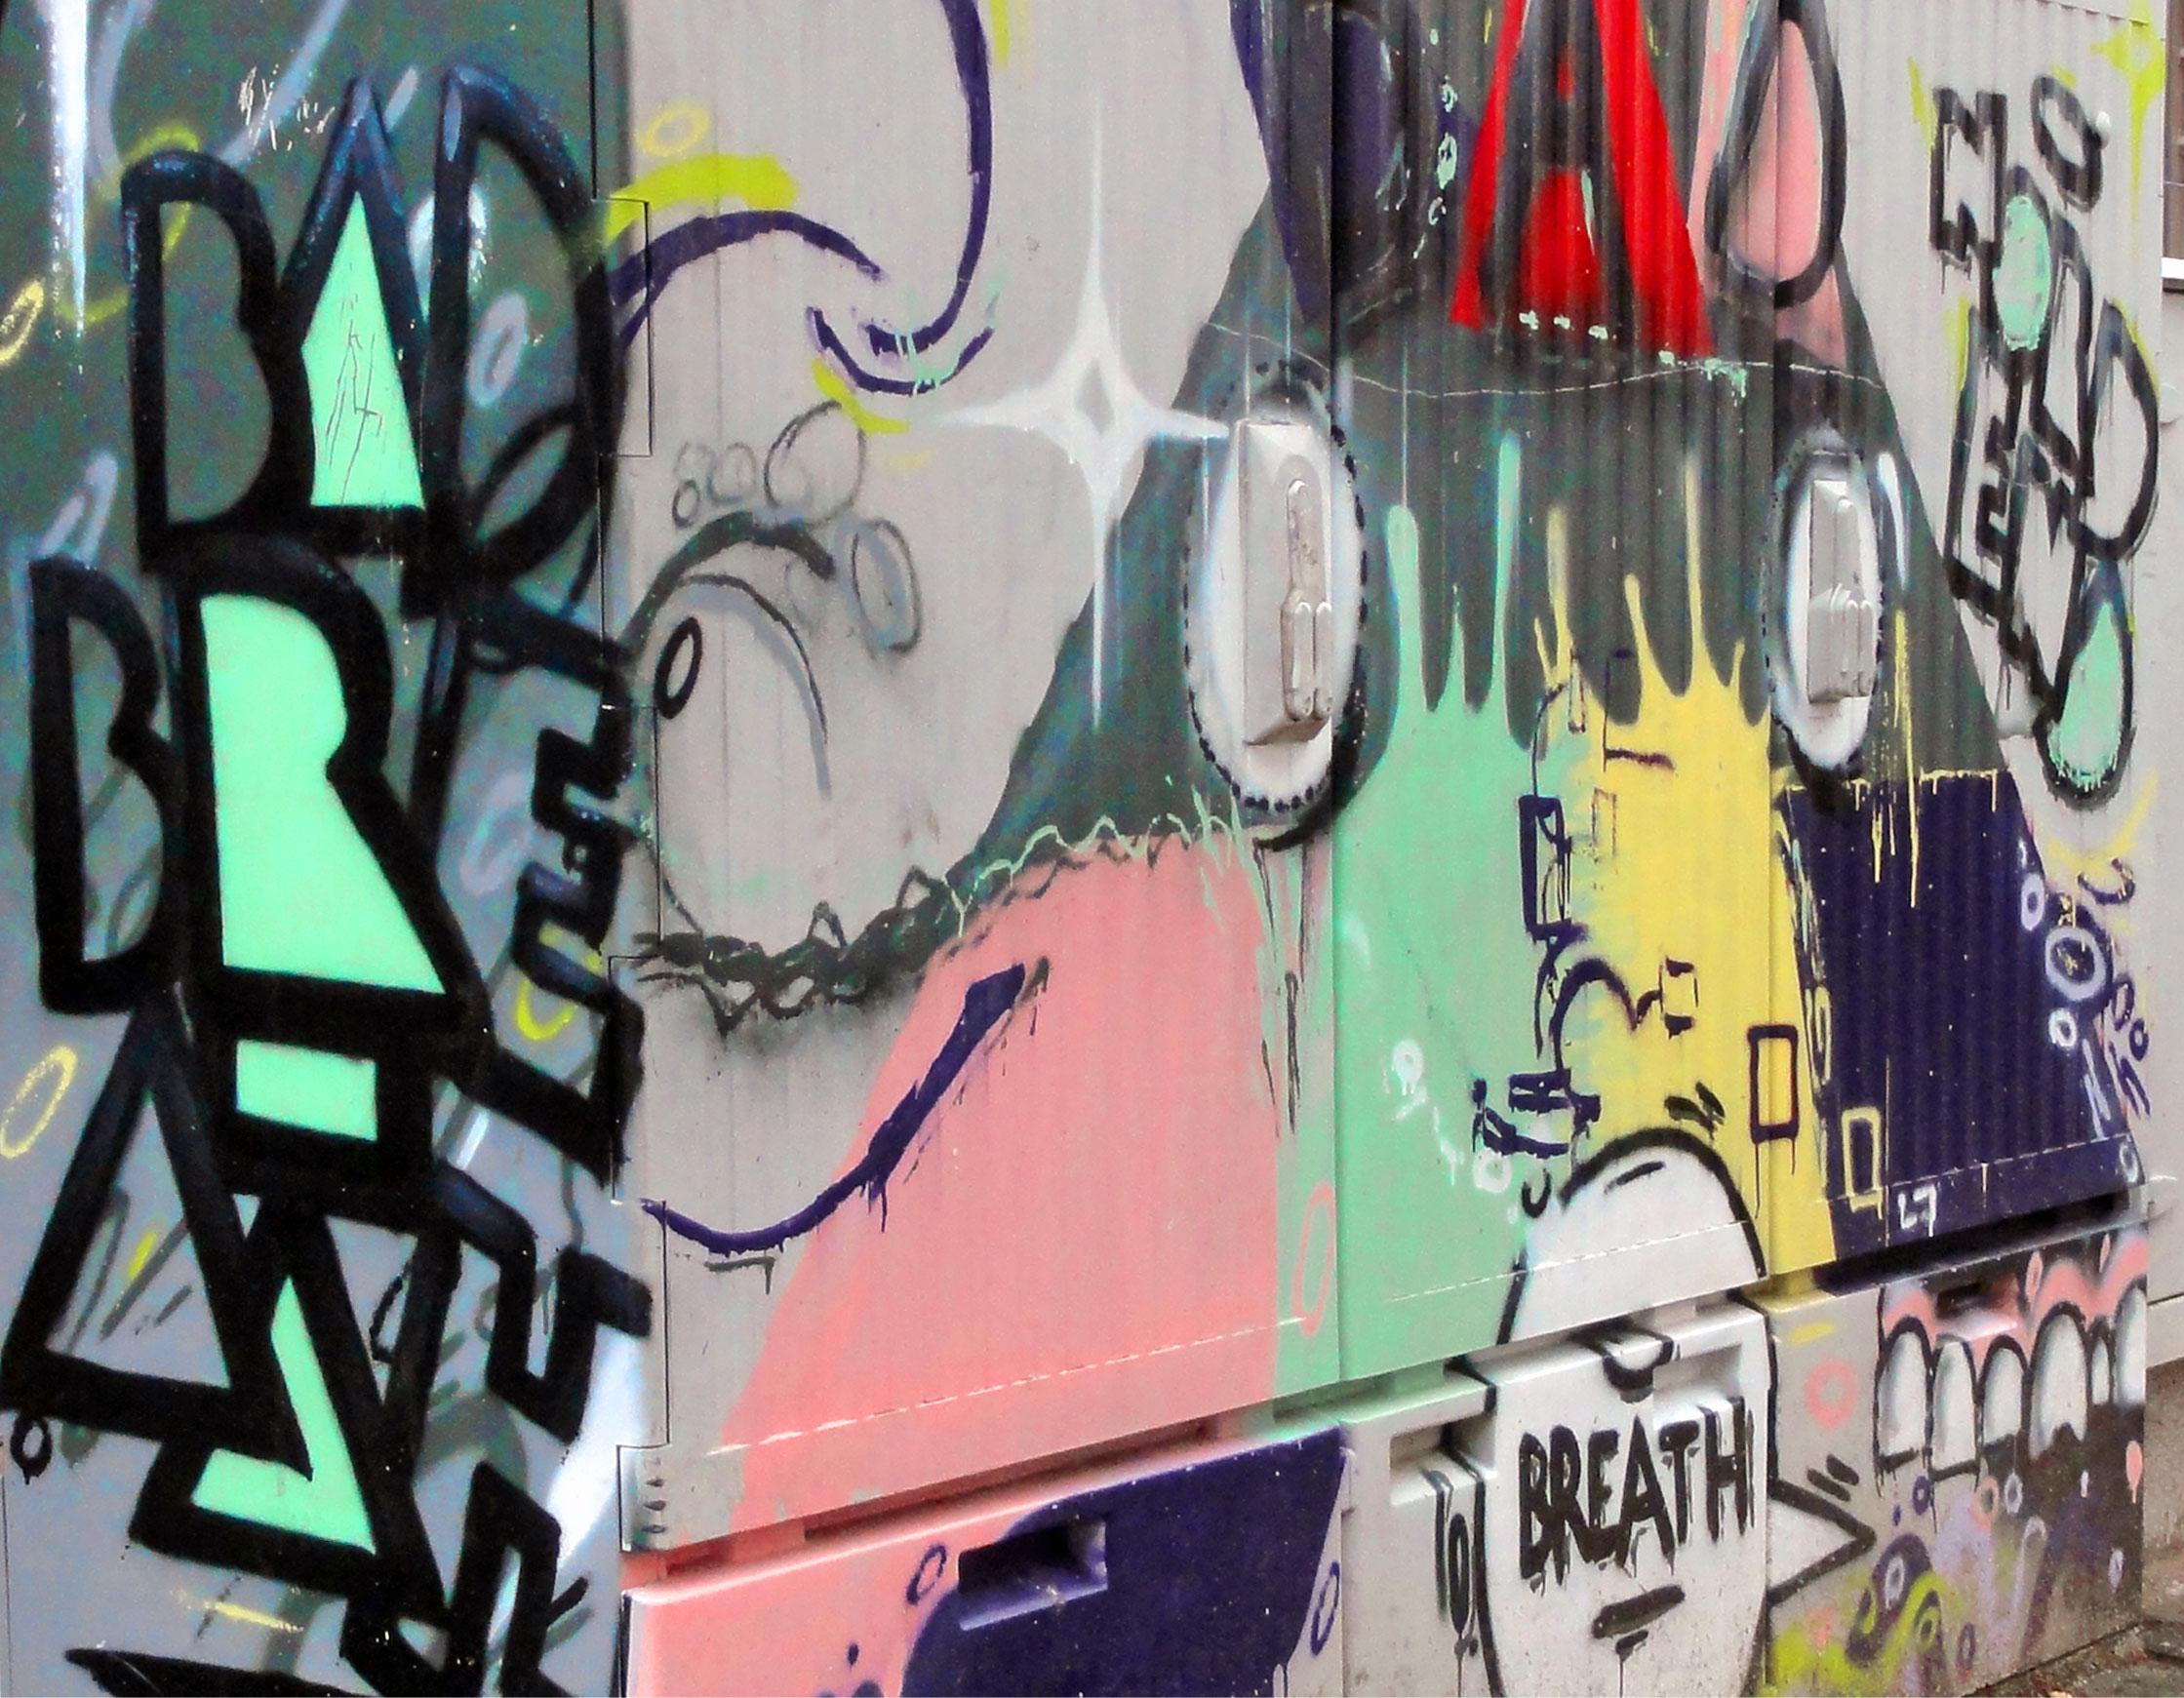 BAD BREATH ART Offenbach